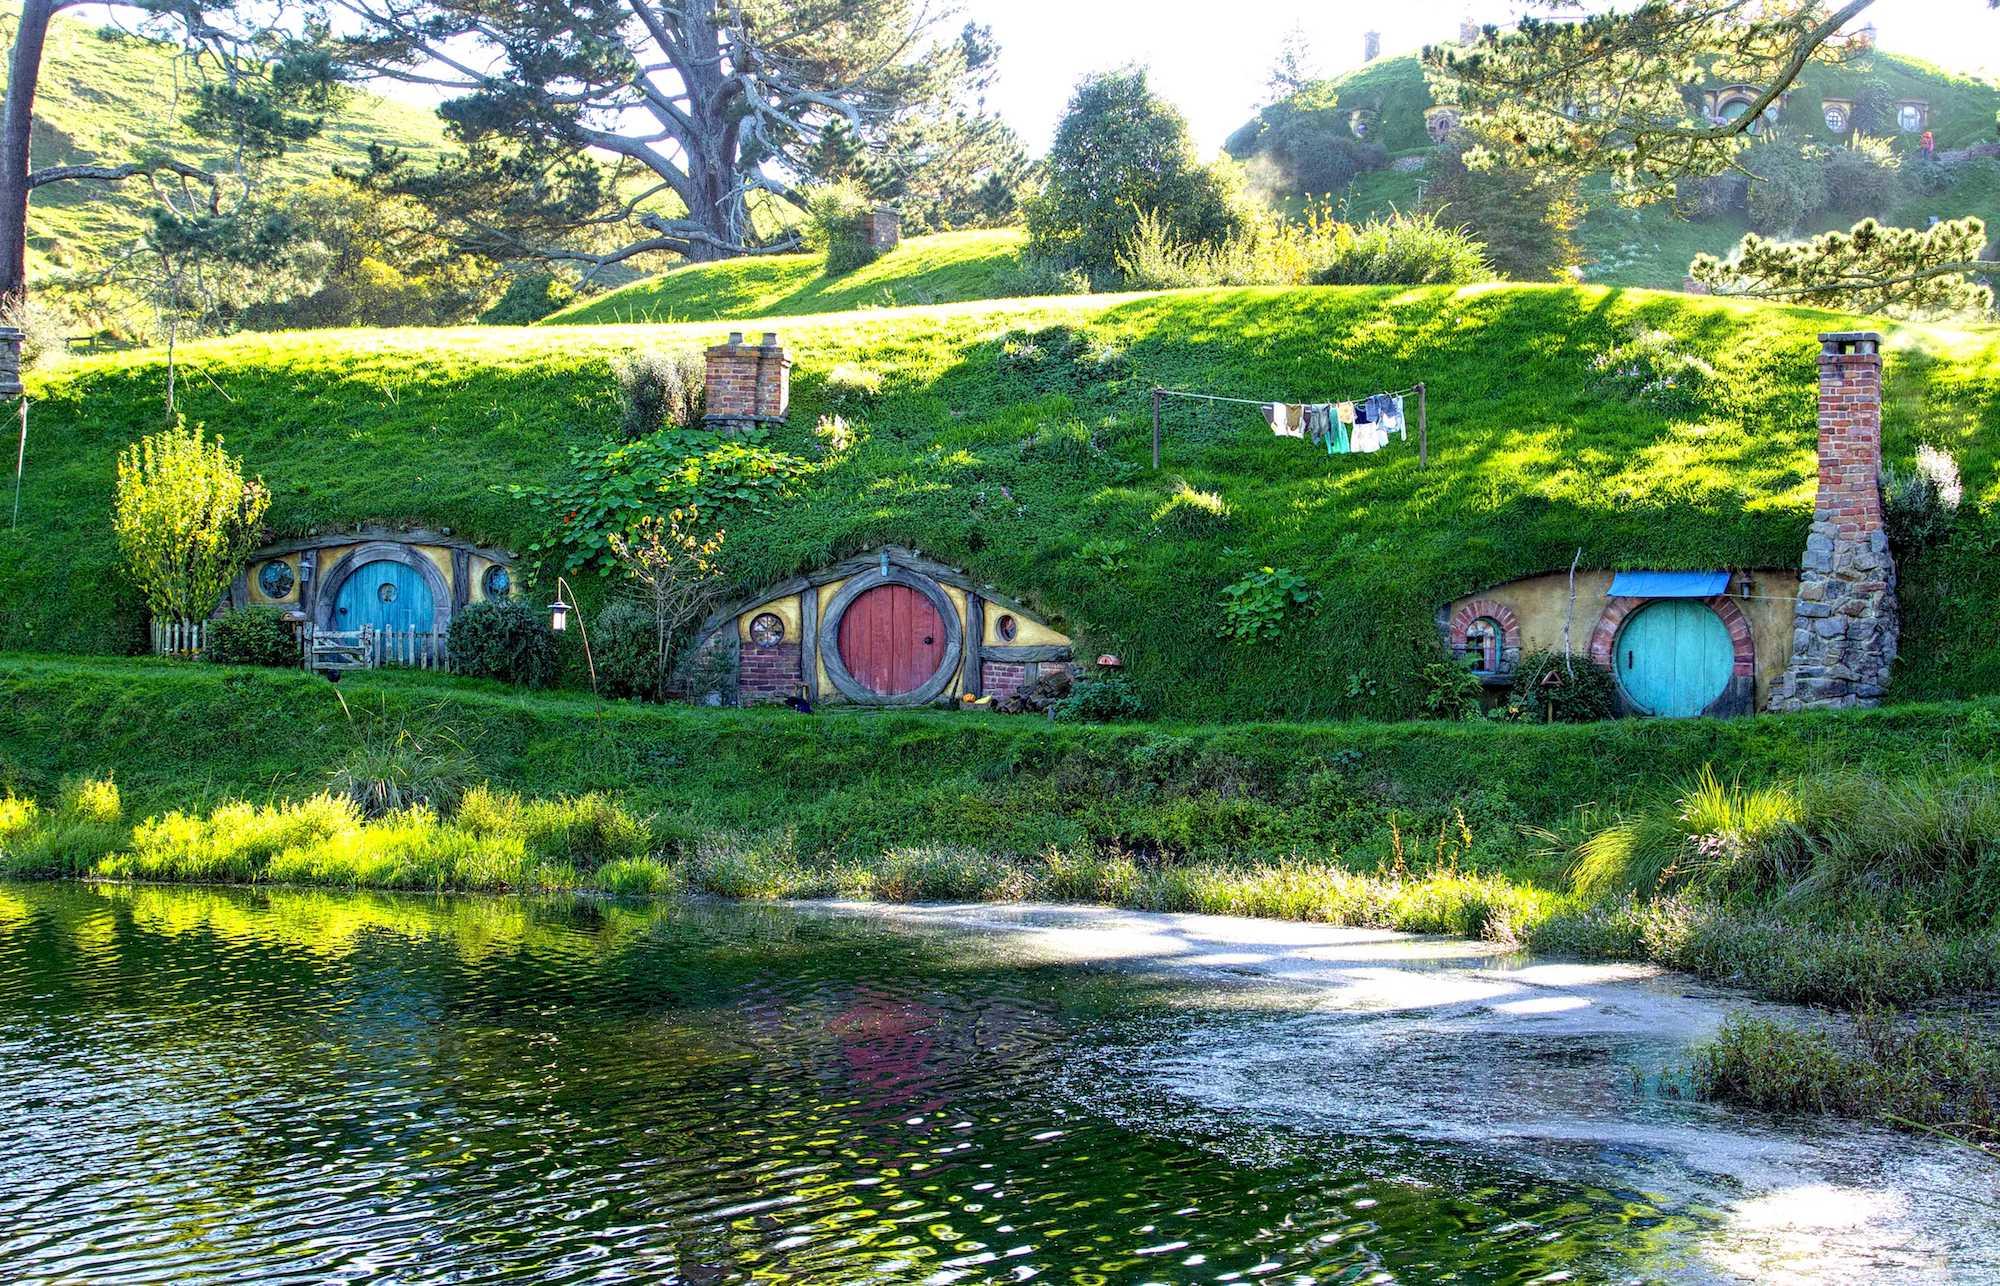 Hobbit Holes in Hobbiton. Photo: Gayatri Bhaumik